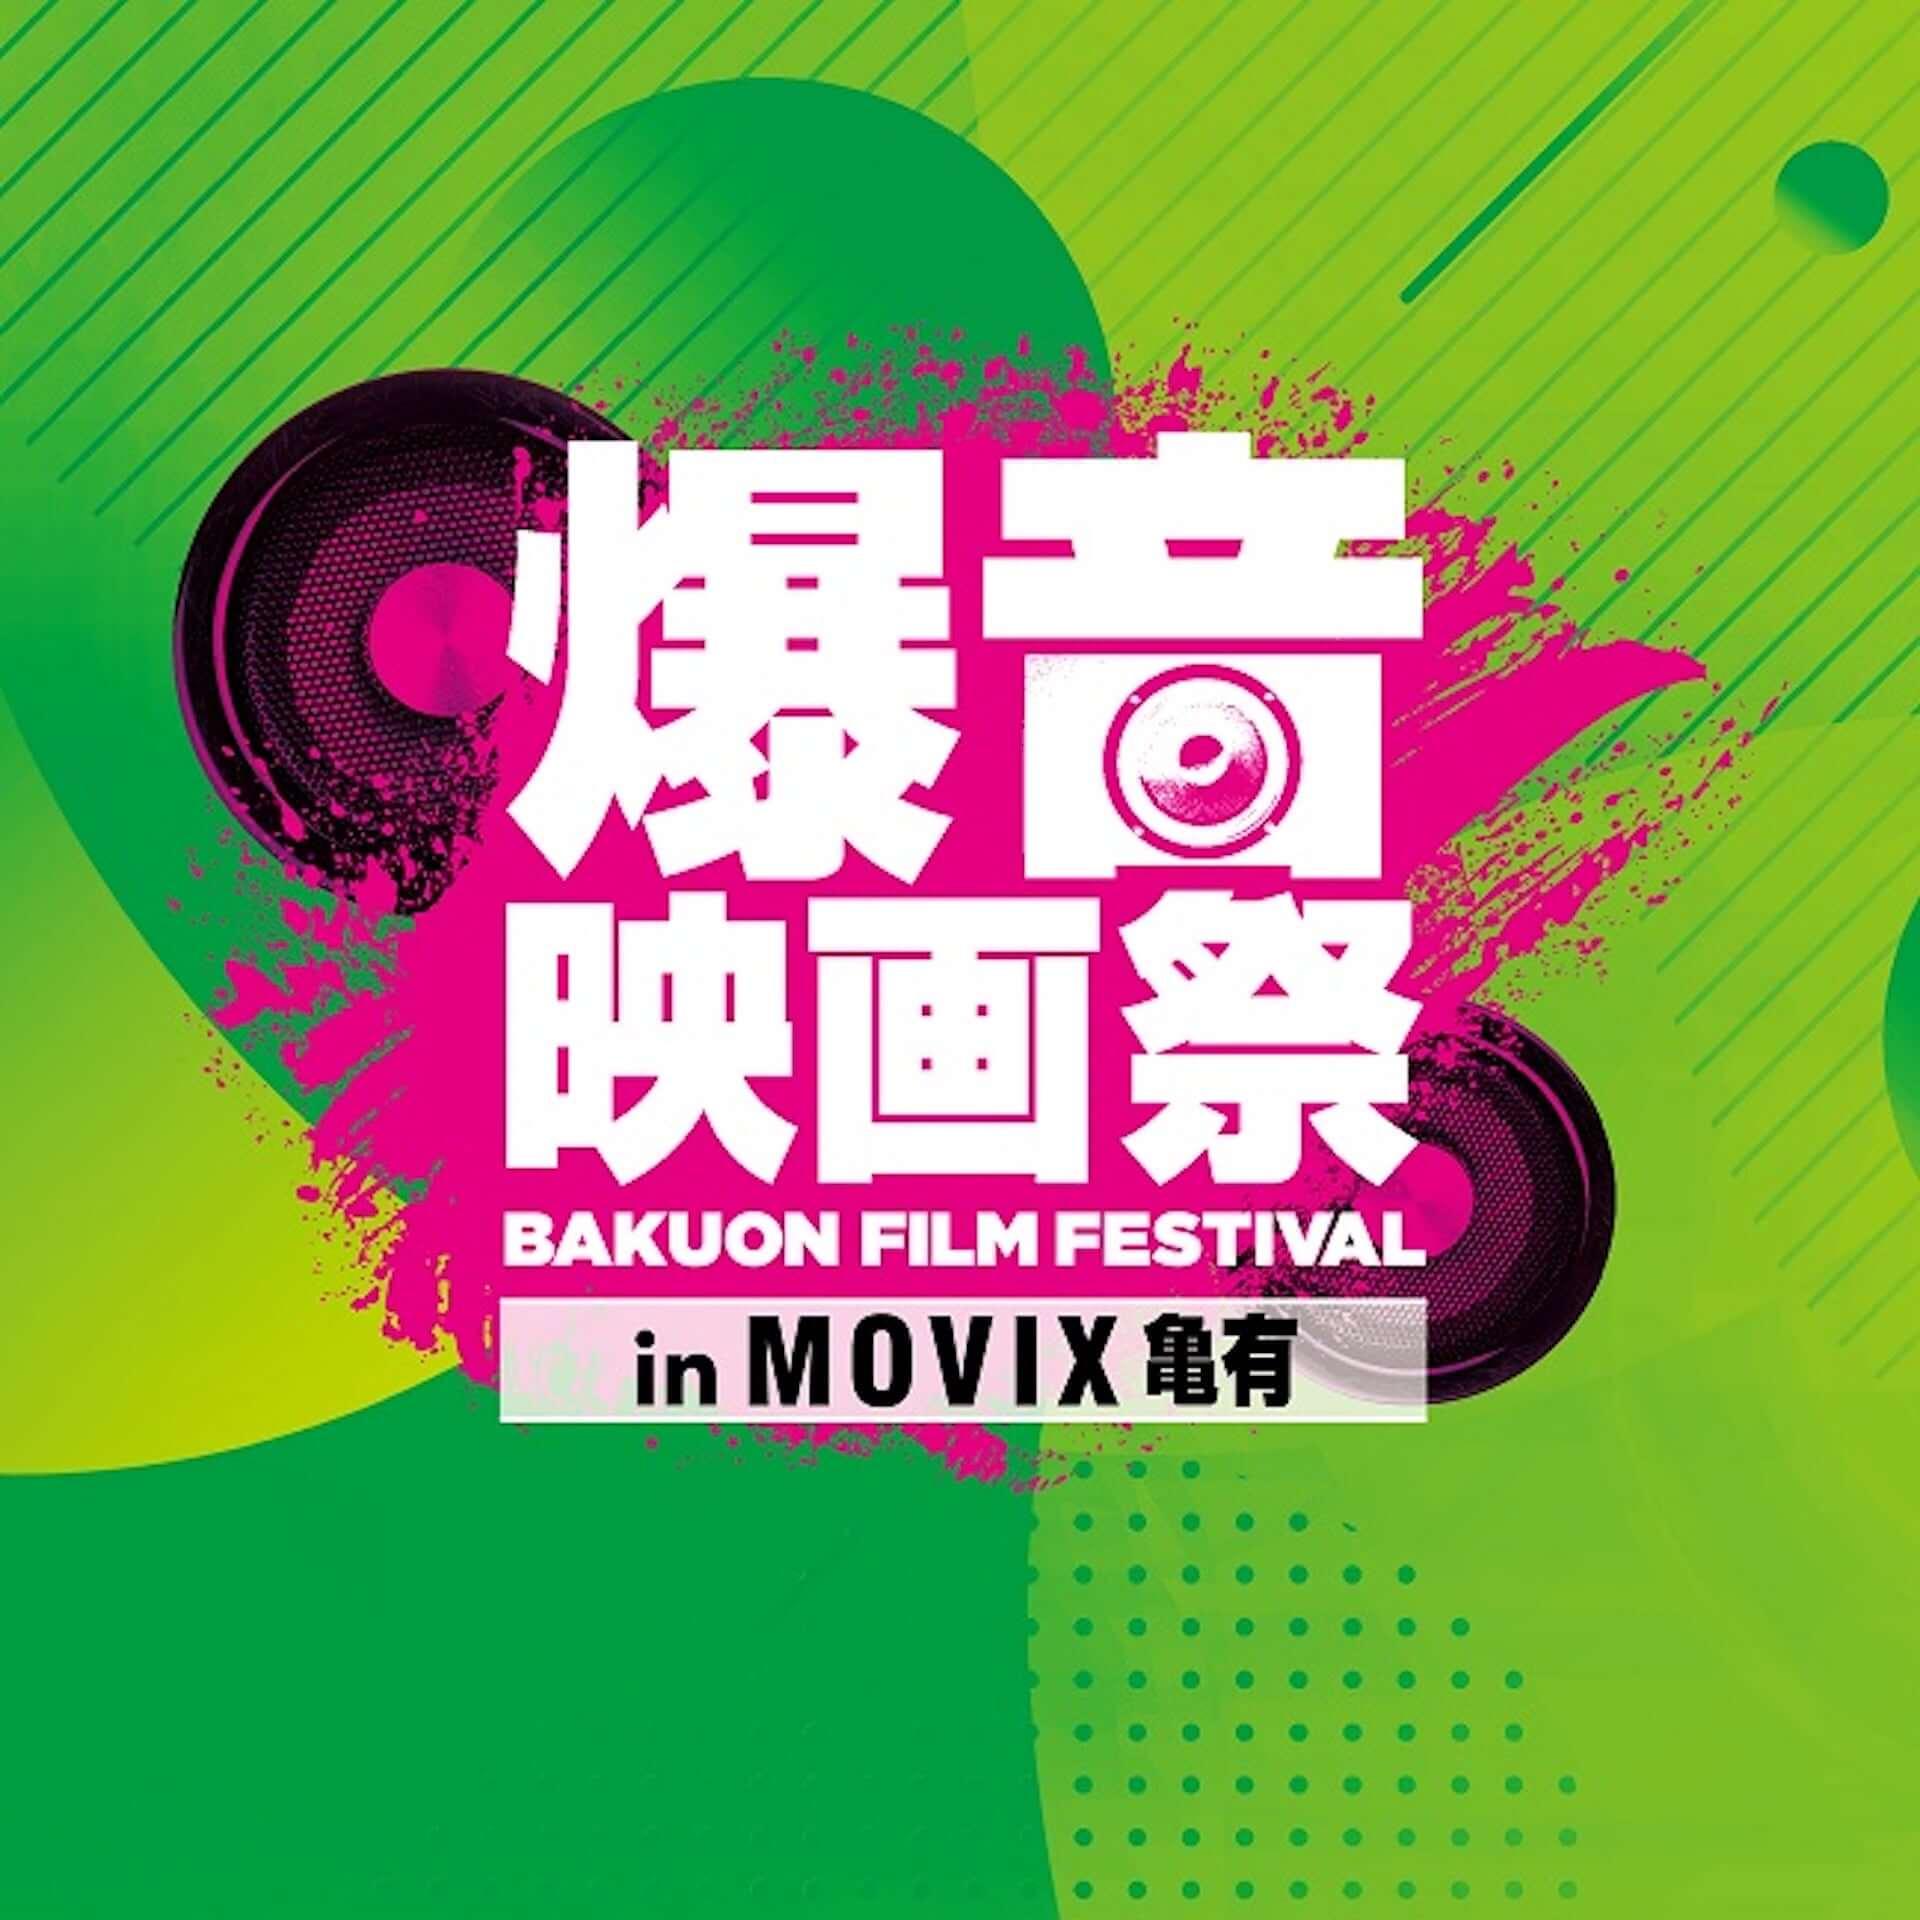 """""""爆音映画祭""""で『ジョン・ウィック』『ボヘミアン・ラプソディ』『レ・ミゼラブル』をもう一度!<爆音映画祭 in MOVIX亀有>初開催 film190913_bakuon_kameari_11-1920x1920"""